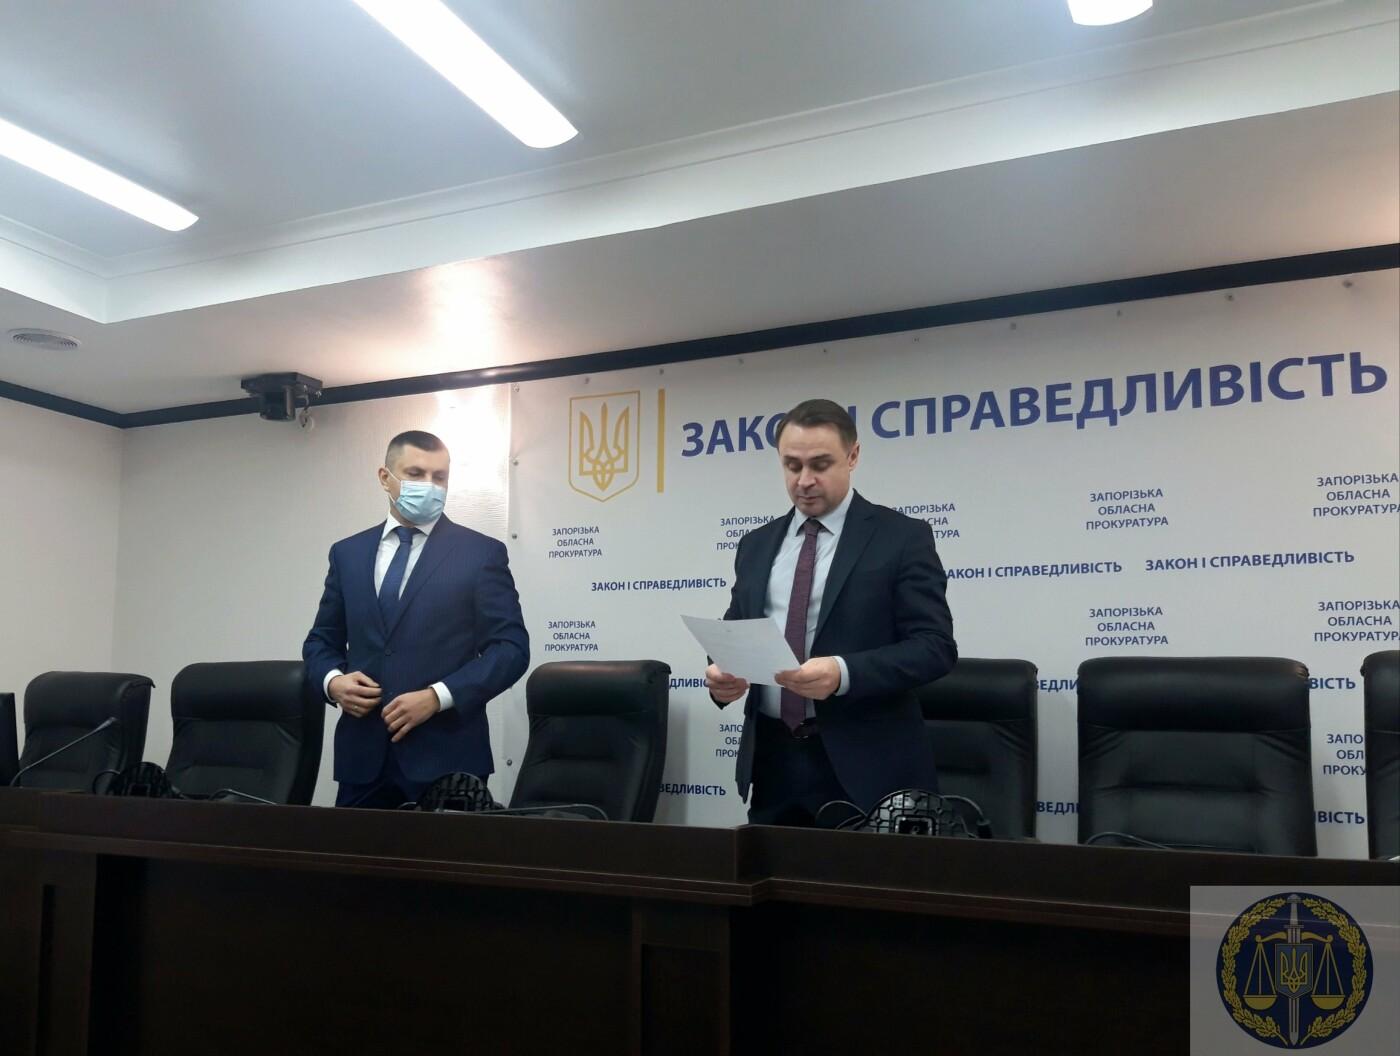 Руководитель Запорожской областной прокуратуры представил коллективу своего заместителя , фото-1